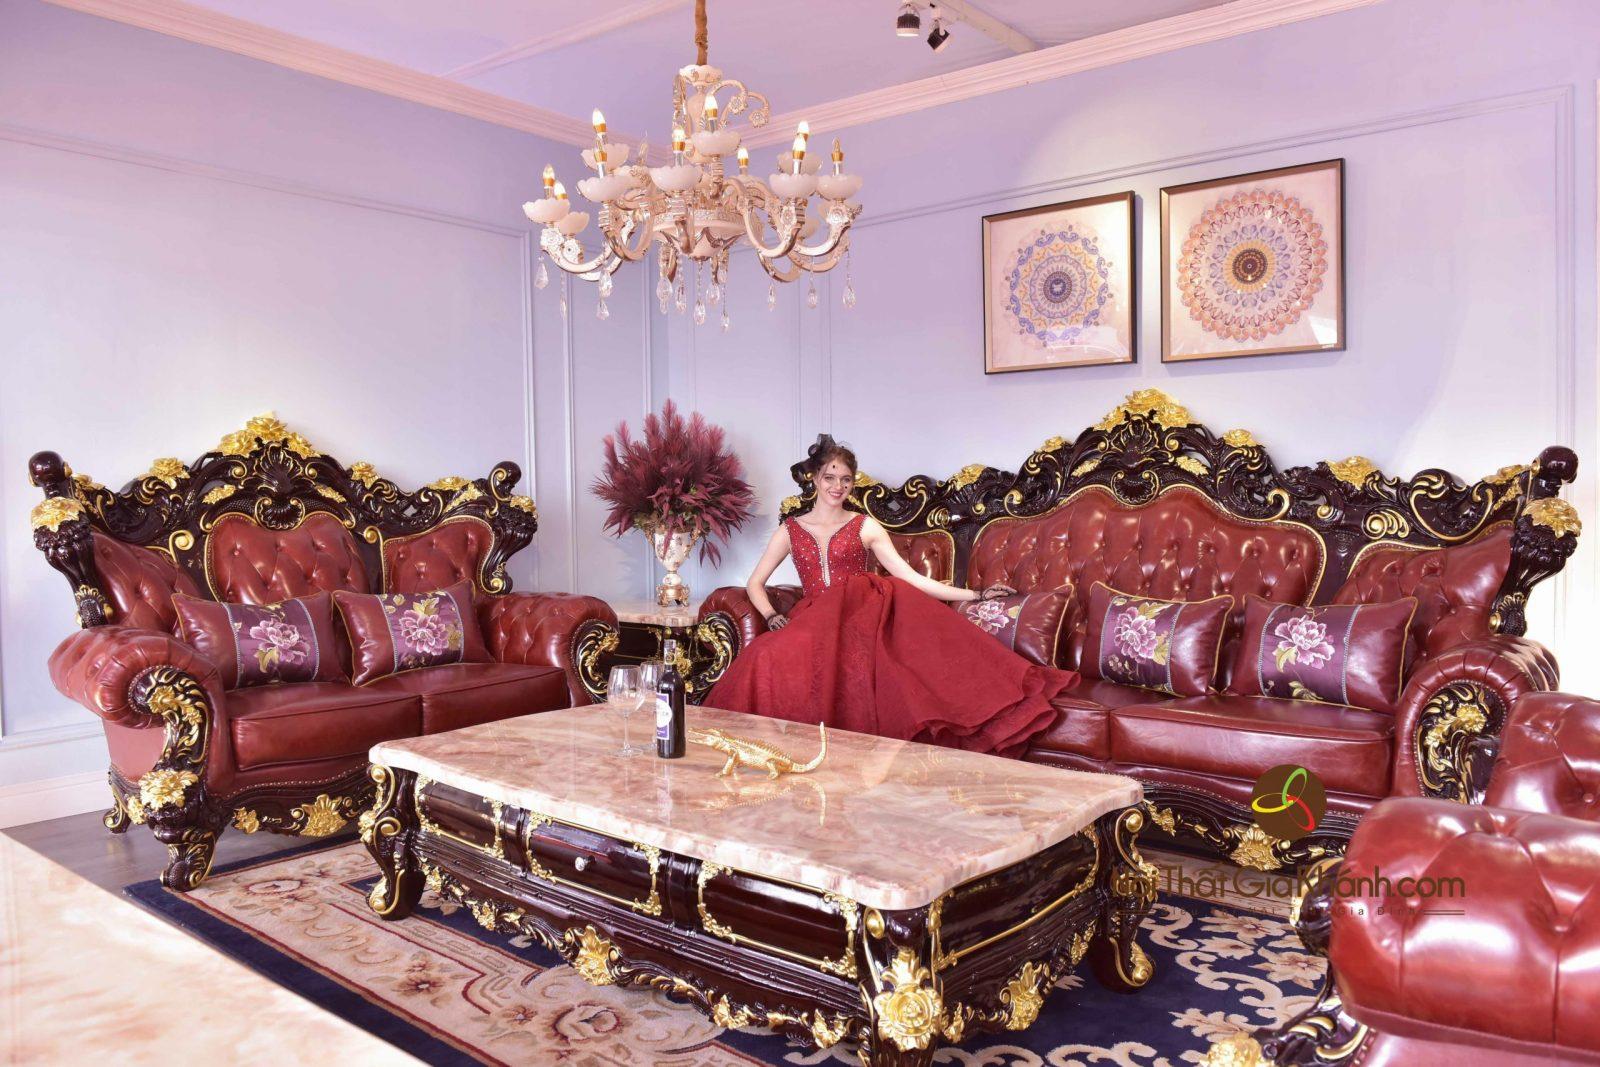 Ntgk Ra Mat Bo Sofa Dat Vang Kich Thuoc Khung Chua Tung Co 17 Scaled